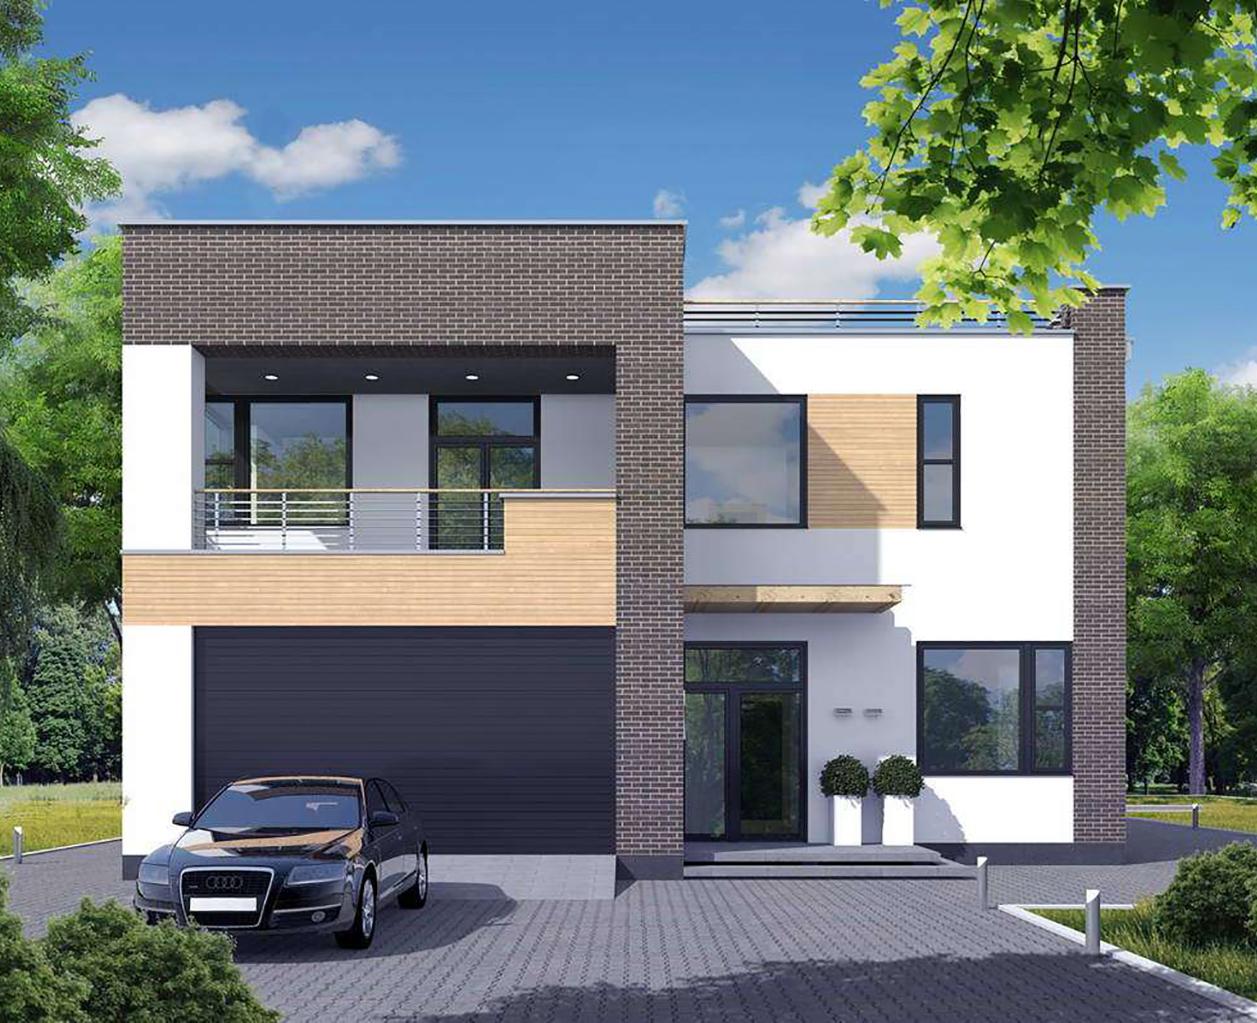 architecte architecture construction maison plans